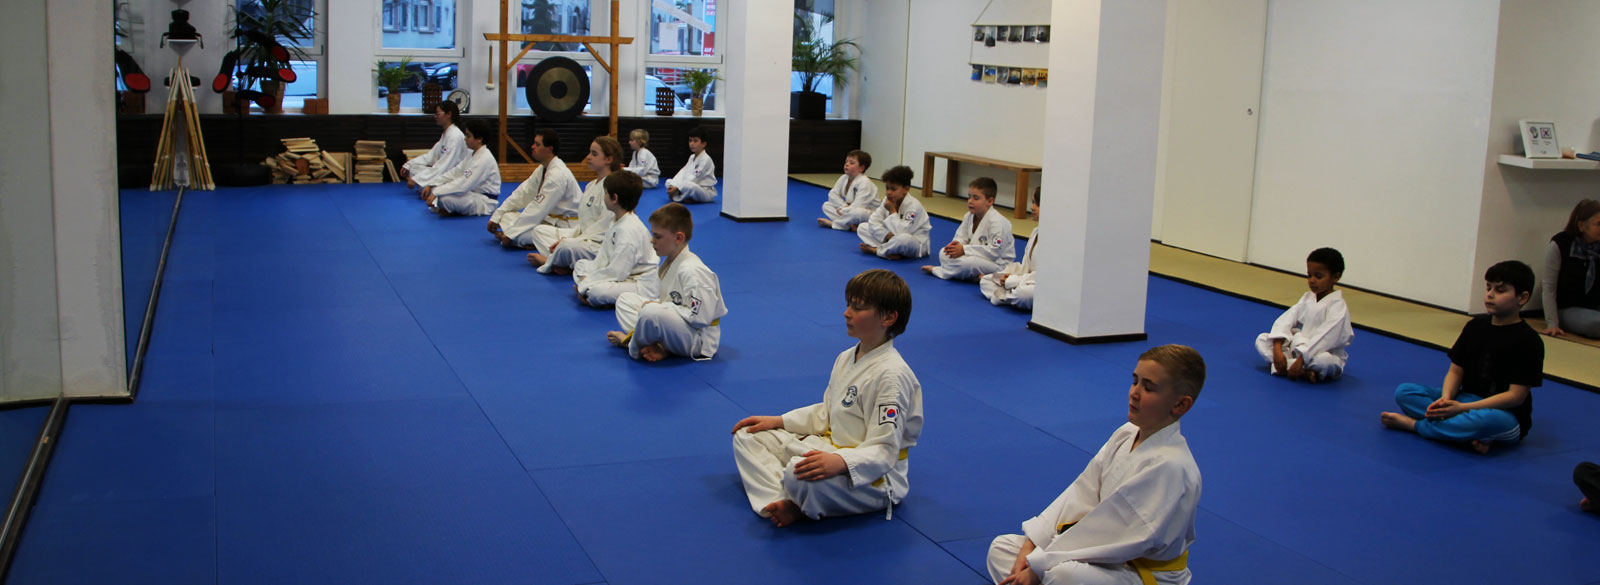 Kinder bei der Meditation